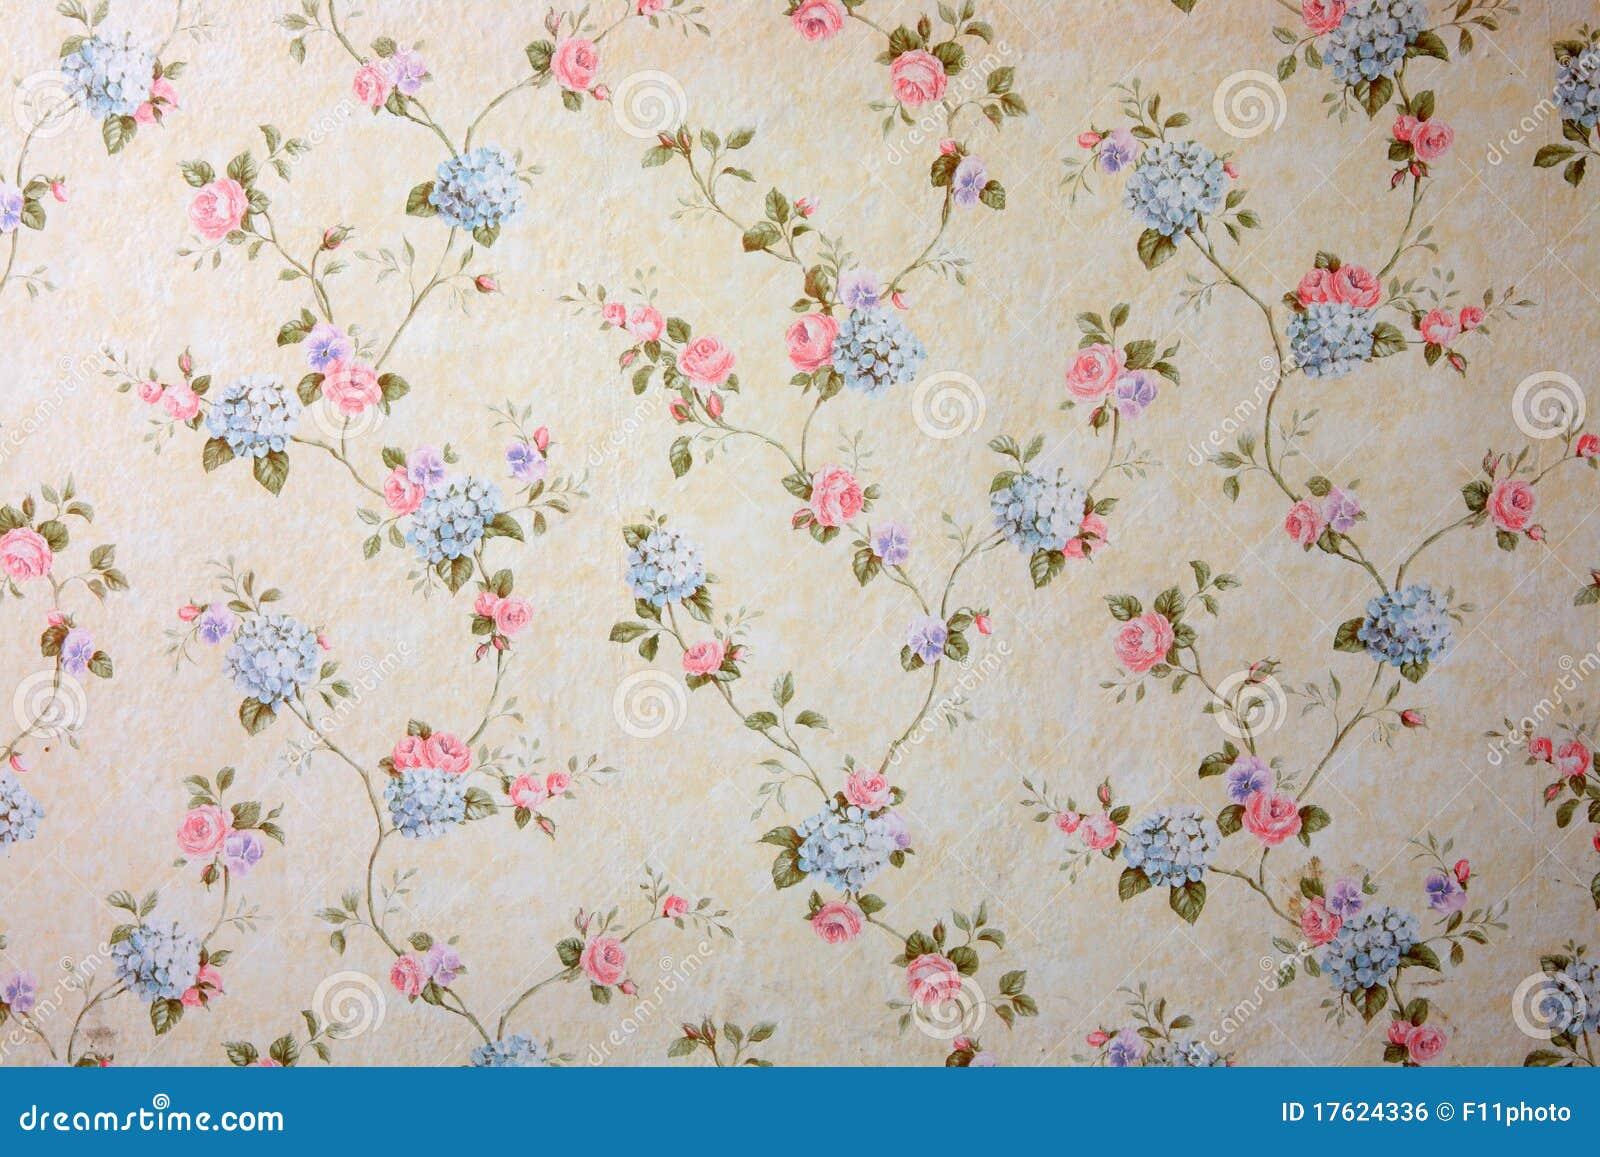 Bloemen Behang Royalty-vrije Stock Afbeelding - Beeld: 17624336: nl.dreamstime.com/royalty-vrije-stock-afbeelding-bloemen-behang...